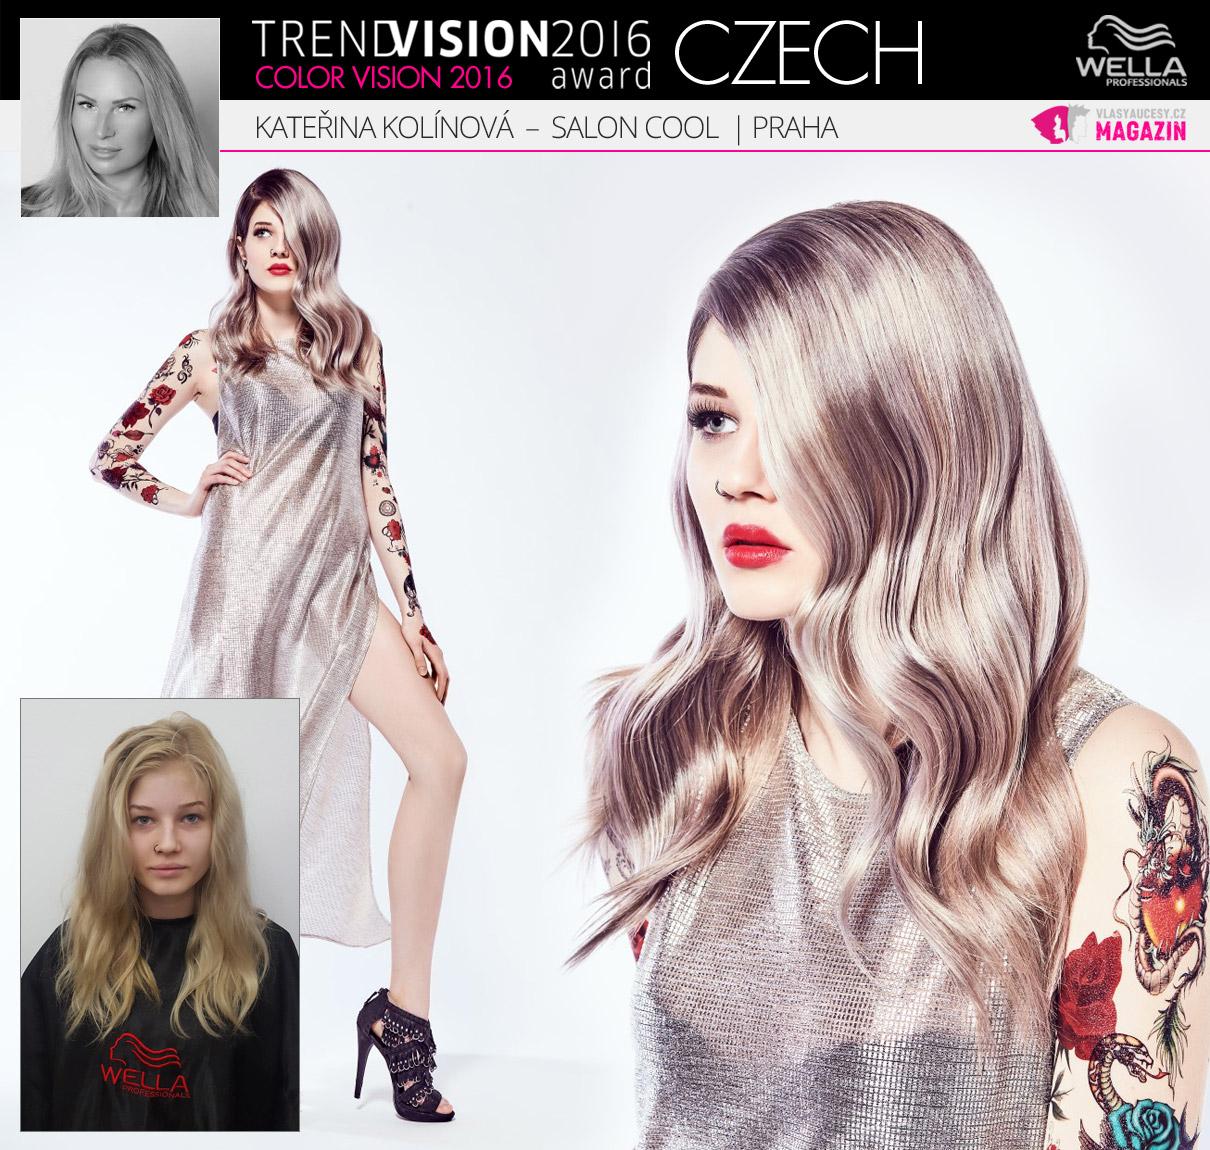 Kateřina Kolínová, Salon Cool, Praha –Wella Professionals Trend Vision Award Česká republika, kategorie Color Vision 2016.